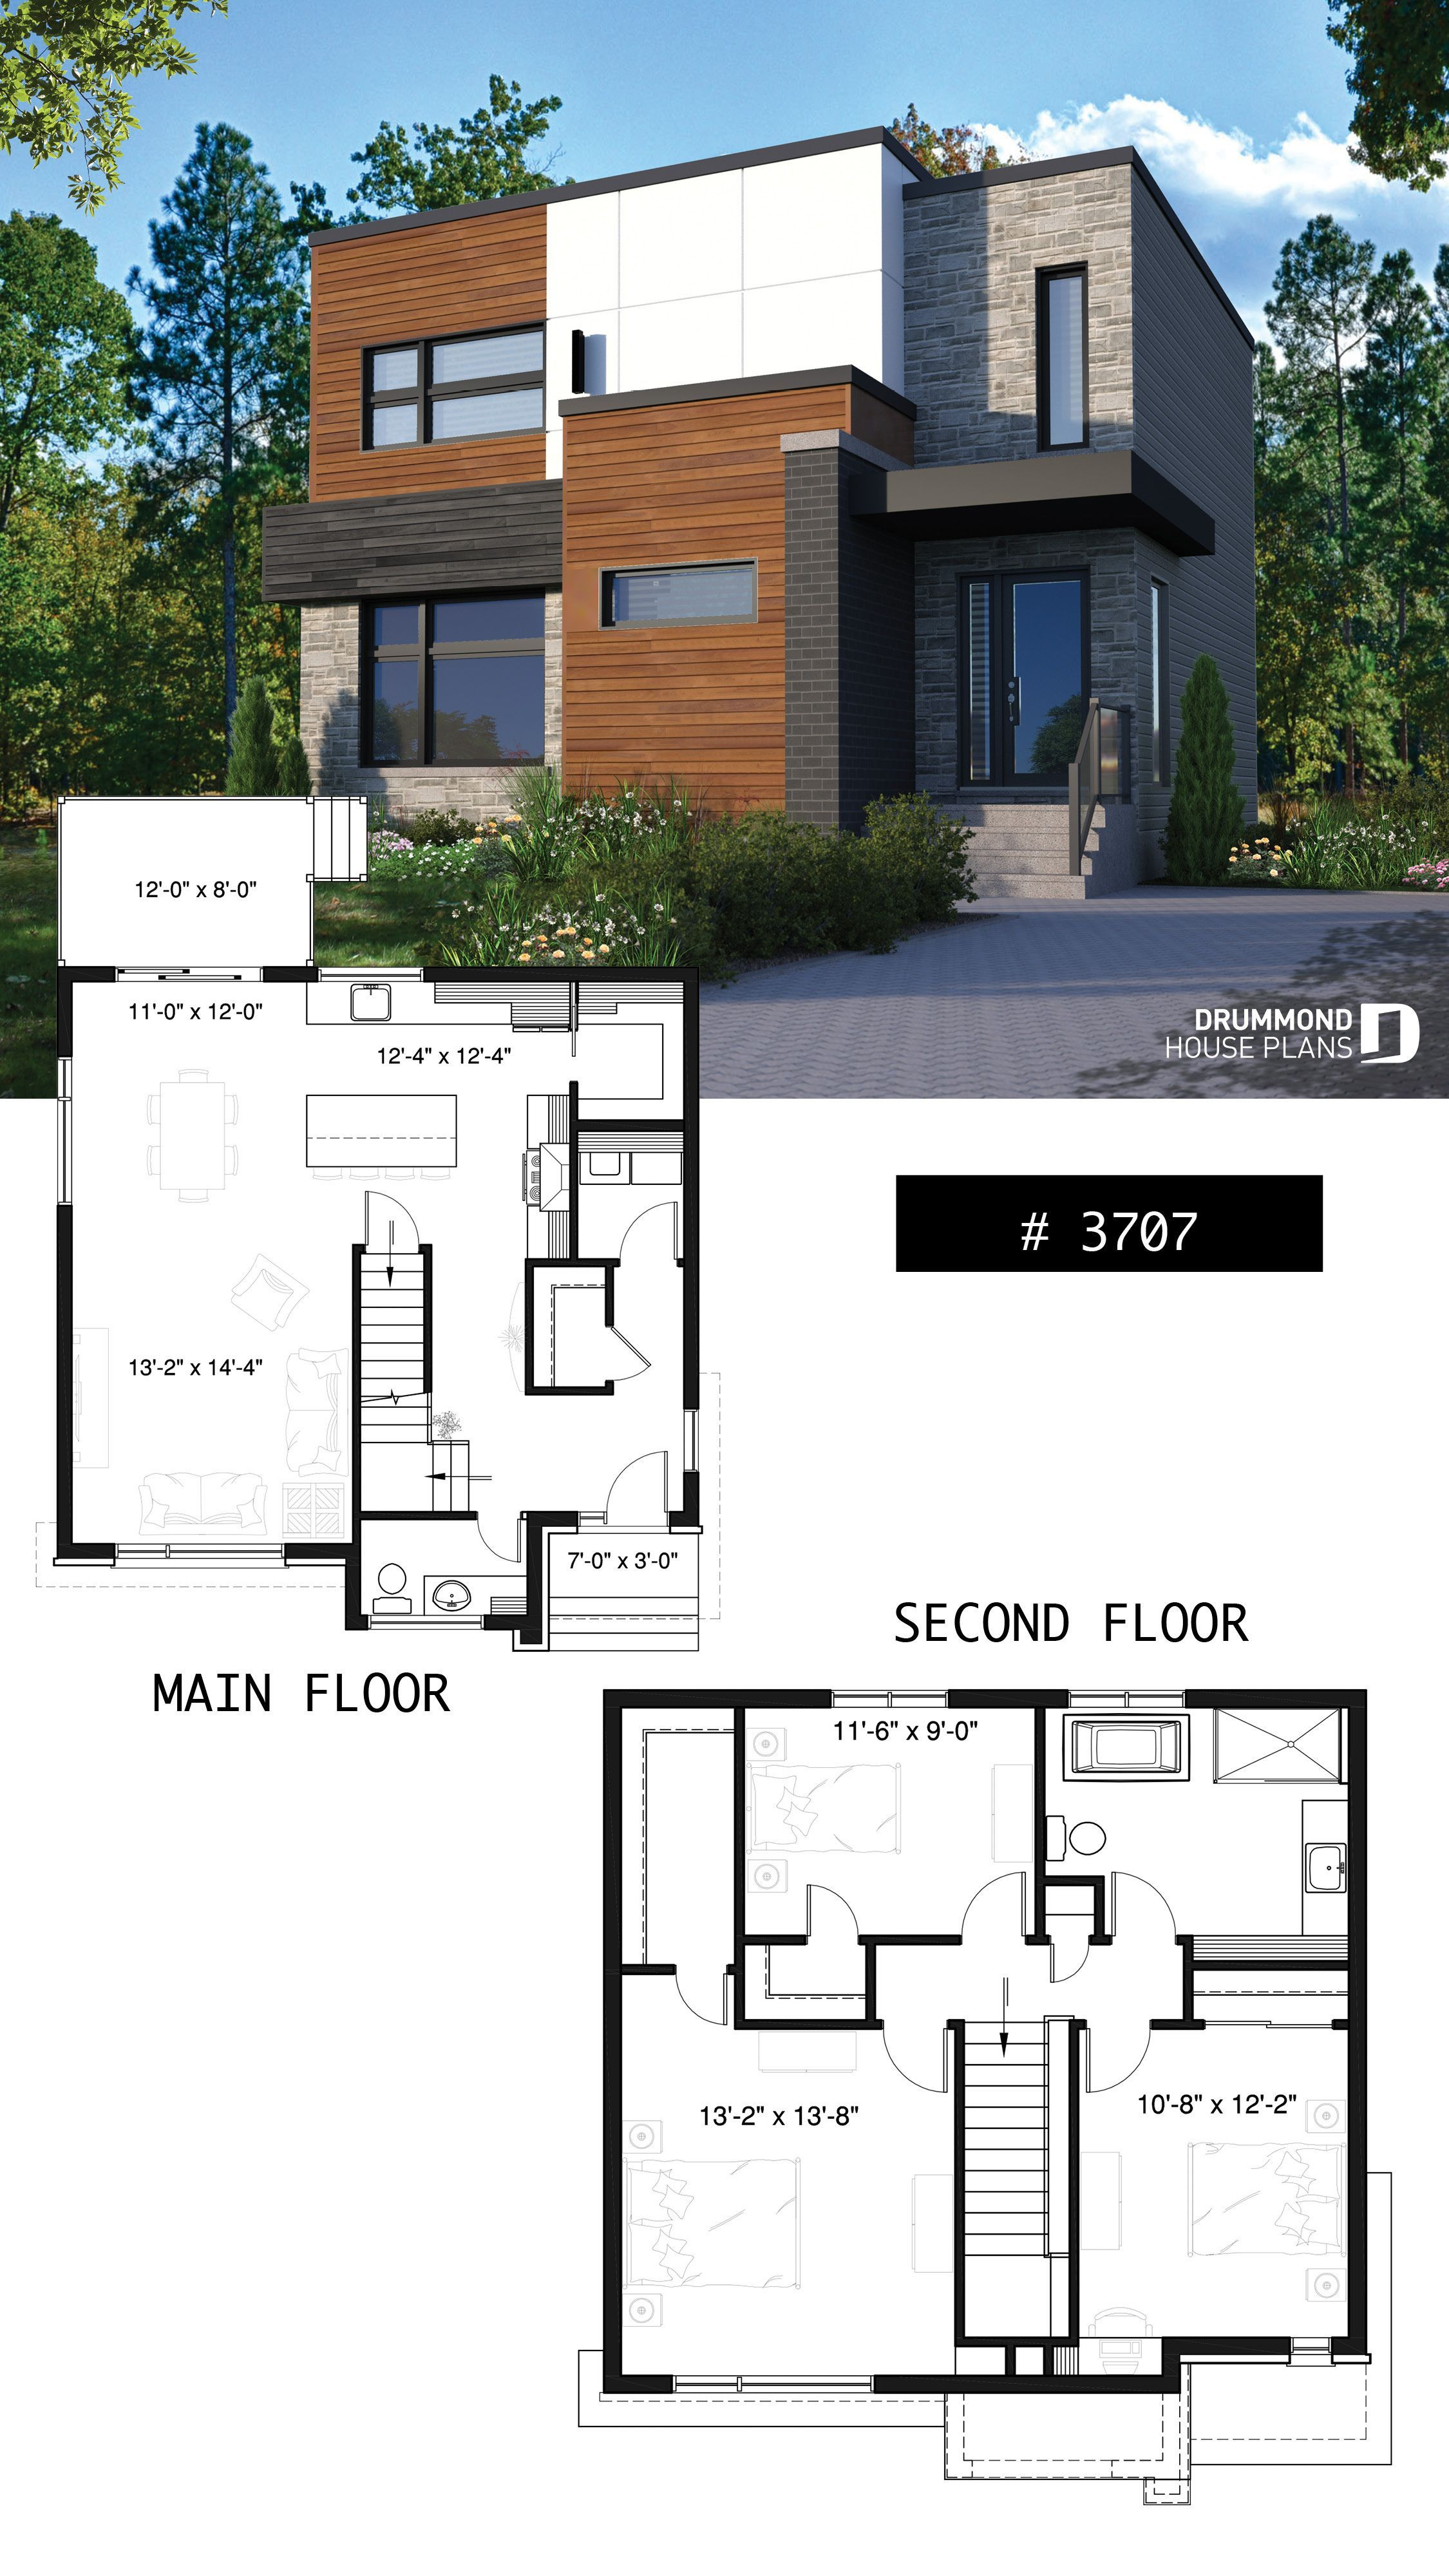 Desain Rumah The Sims 4 : desain, rumah, House, Floor, Plans, Photos, Rumah, Indah,, Desain, Rumah,, Dekorasi